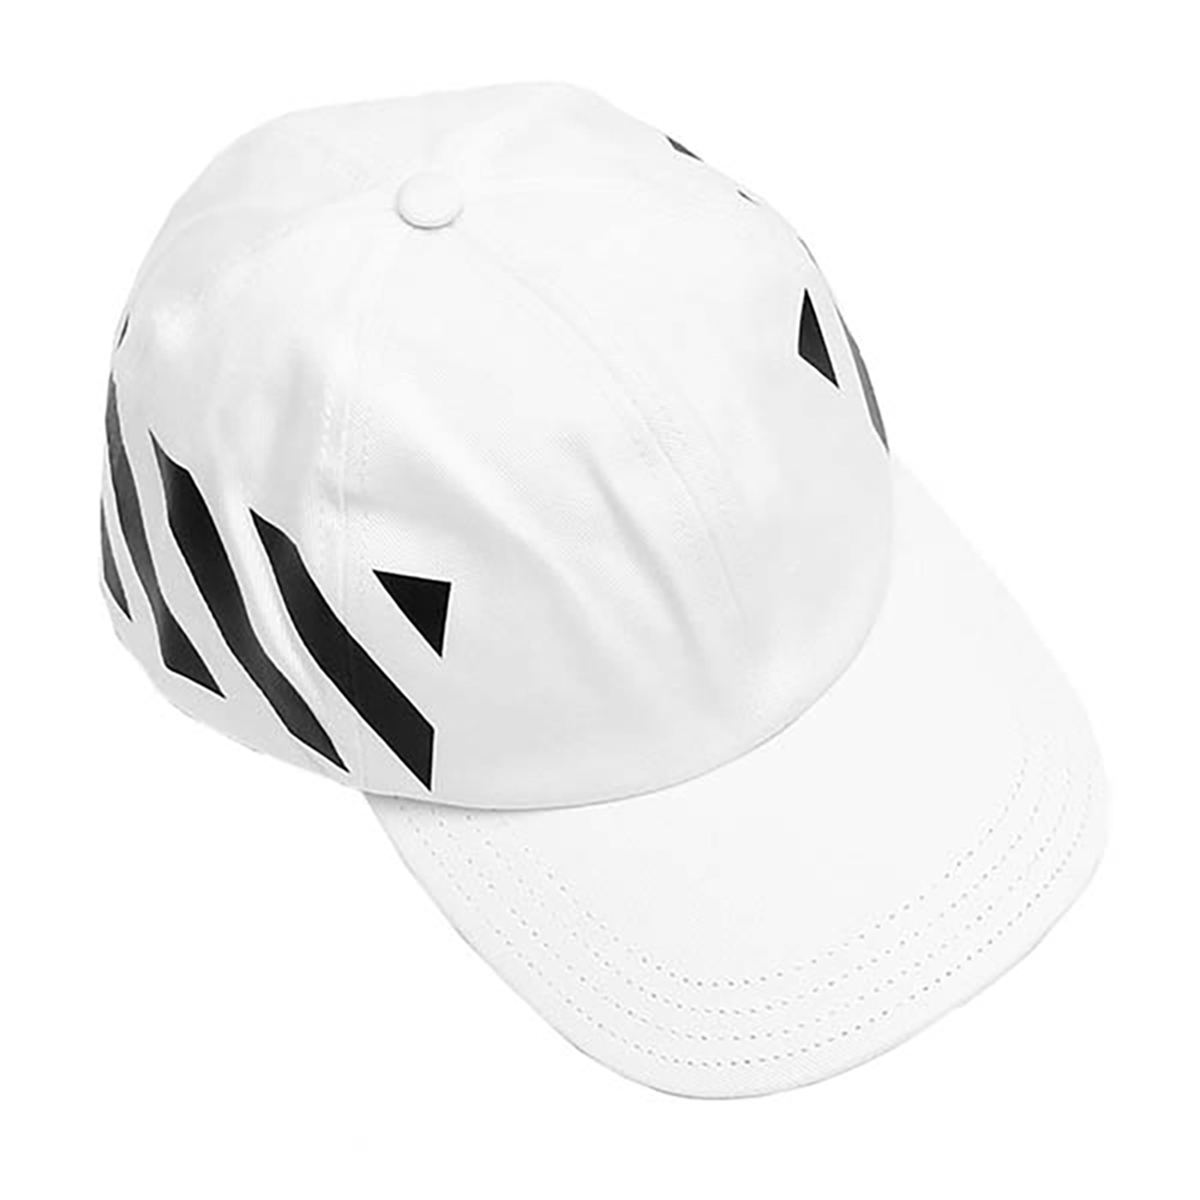 オフホワイト OFF-WHITE キャップ OMLB008E19400028 0110 メンズ ホワイト 帽子 ベースボールキャップ 野球帽 コットン 休日 散歩 お出かけ